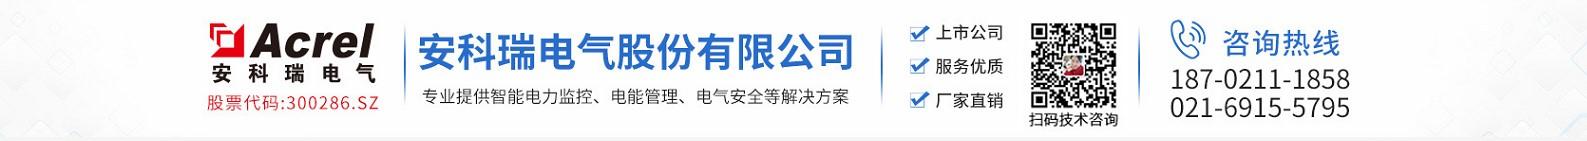 安科瑞電子商務(上海)有限公司